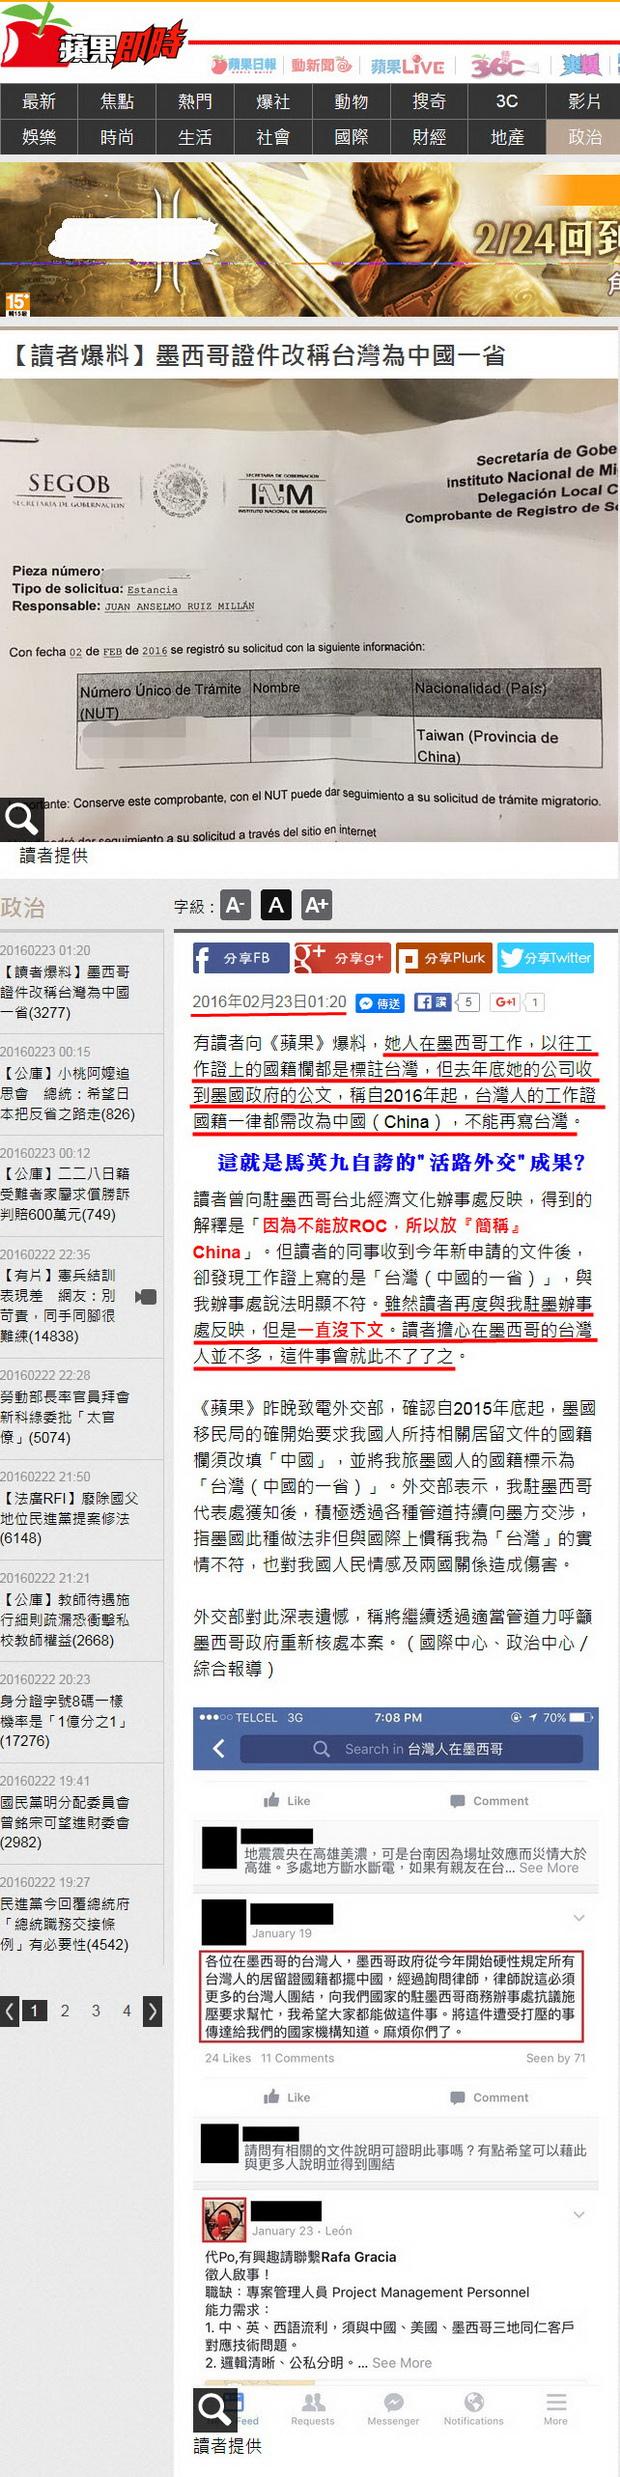 墨西哥證件改稱台灣為中國一省-2016.02.23.jpg